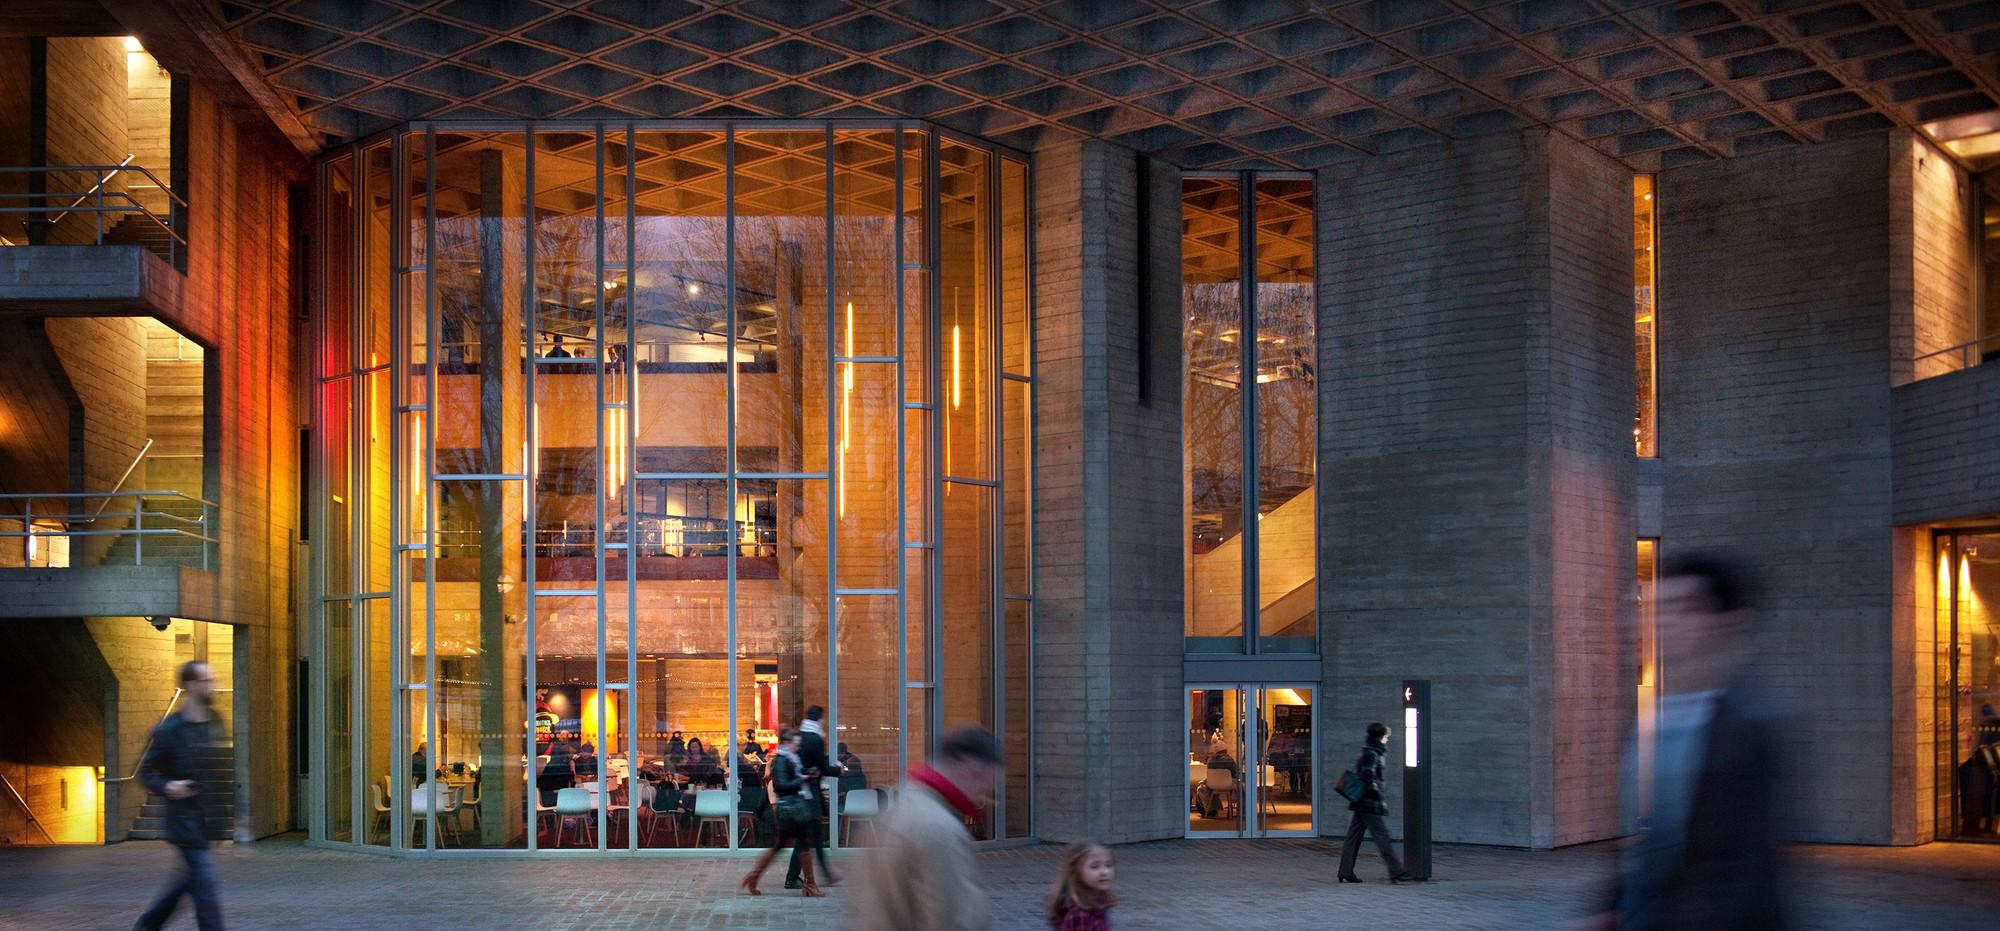 National Theatre  / Haworth Tompkins, © Philip Vile